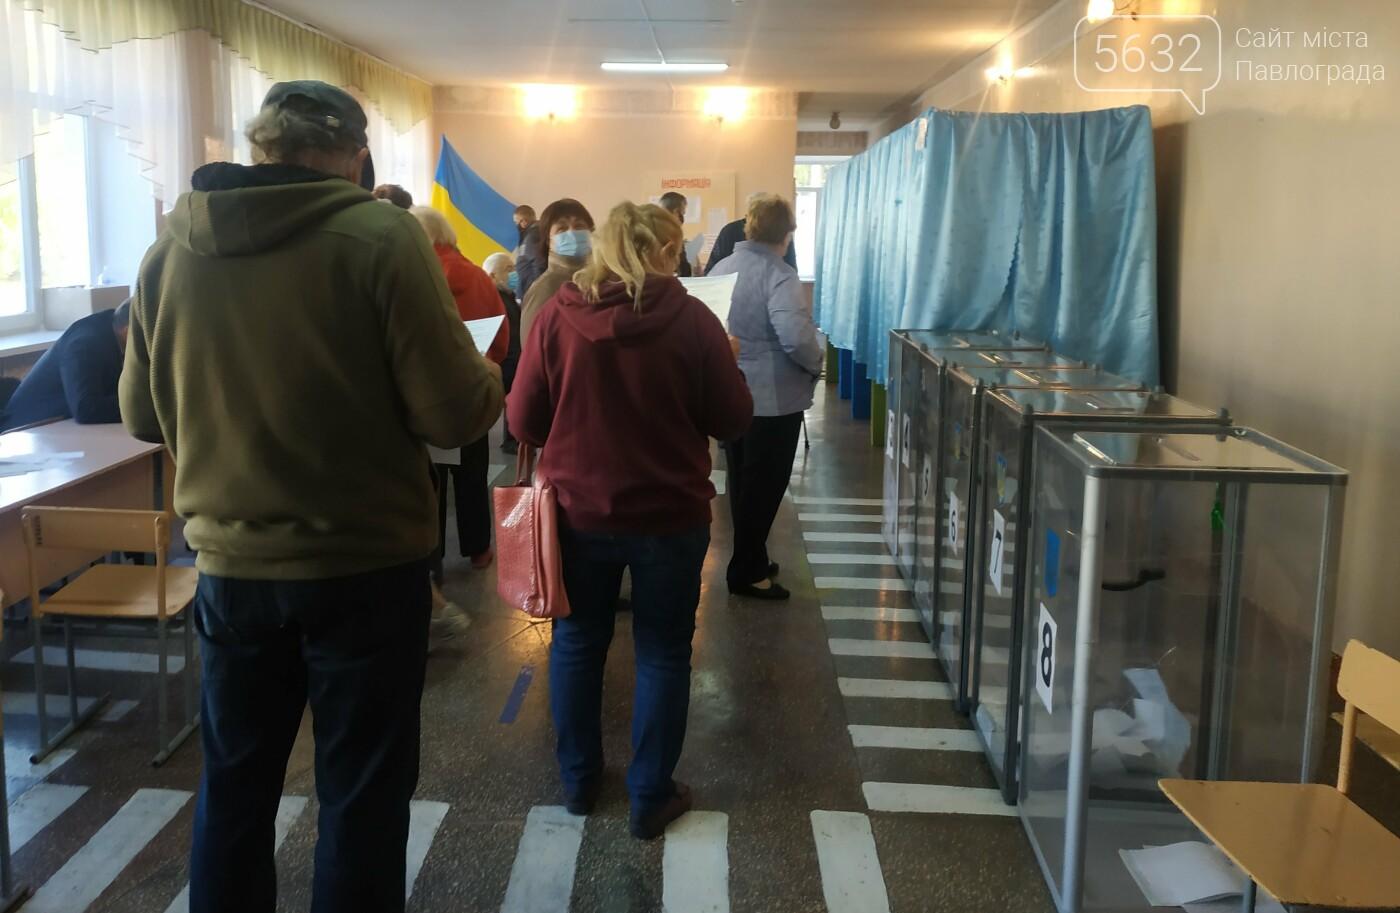 Павлоградцы принимают активное участие в местных выборах (ФОТОРЕПОРТАЖ), фото-7